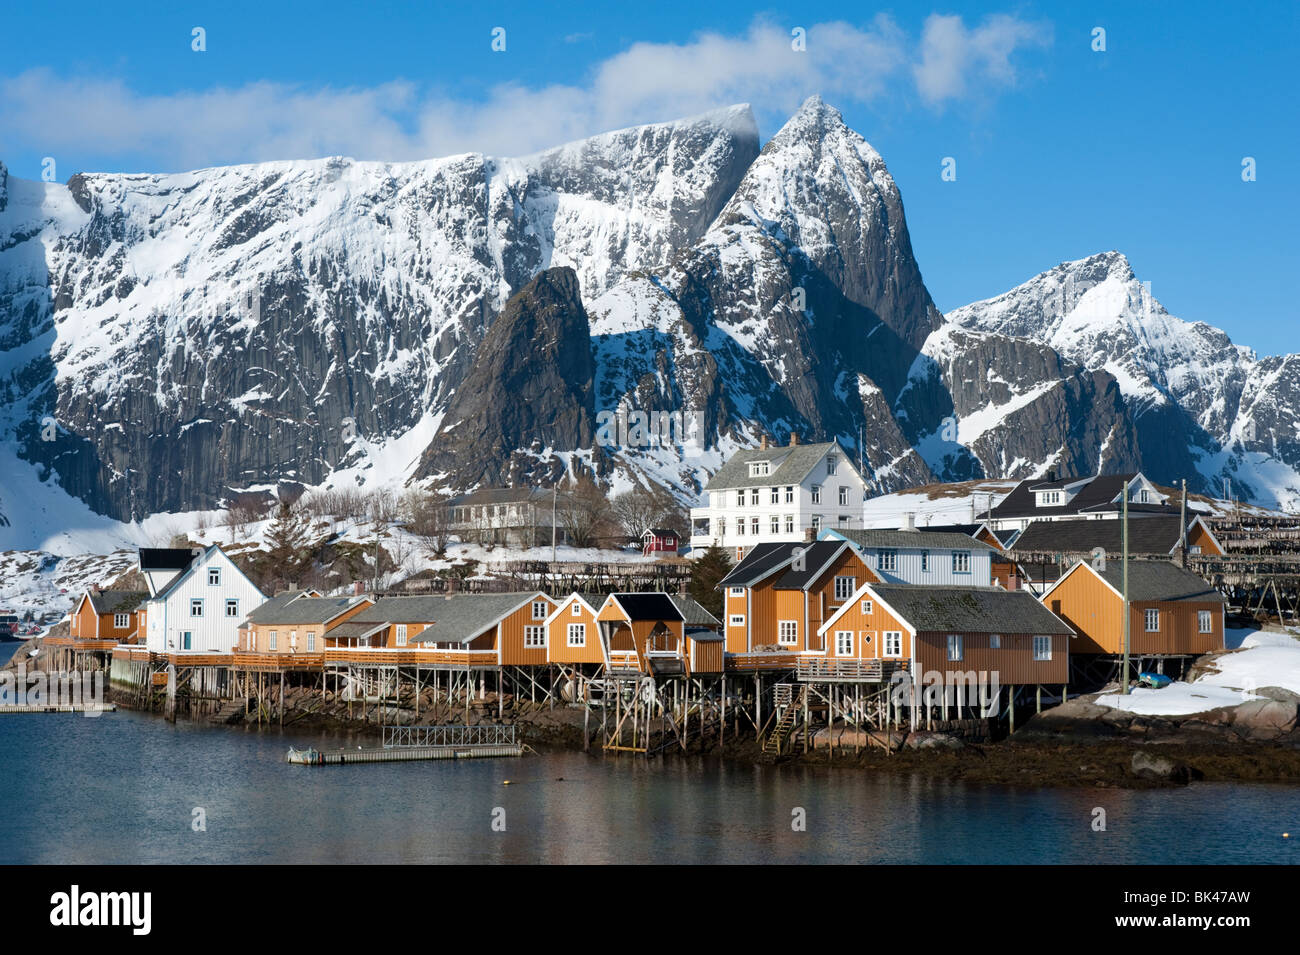 Traditional wooden Rorbu fishermen`s huts in village of Sakrisoy on Moskenesoya Island in Lofoten Islands in Norway - Stock Image